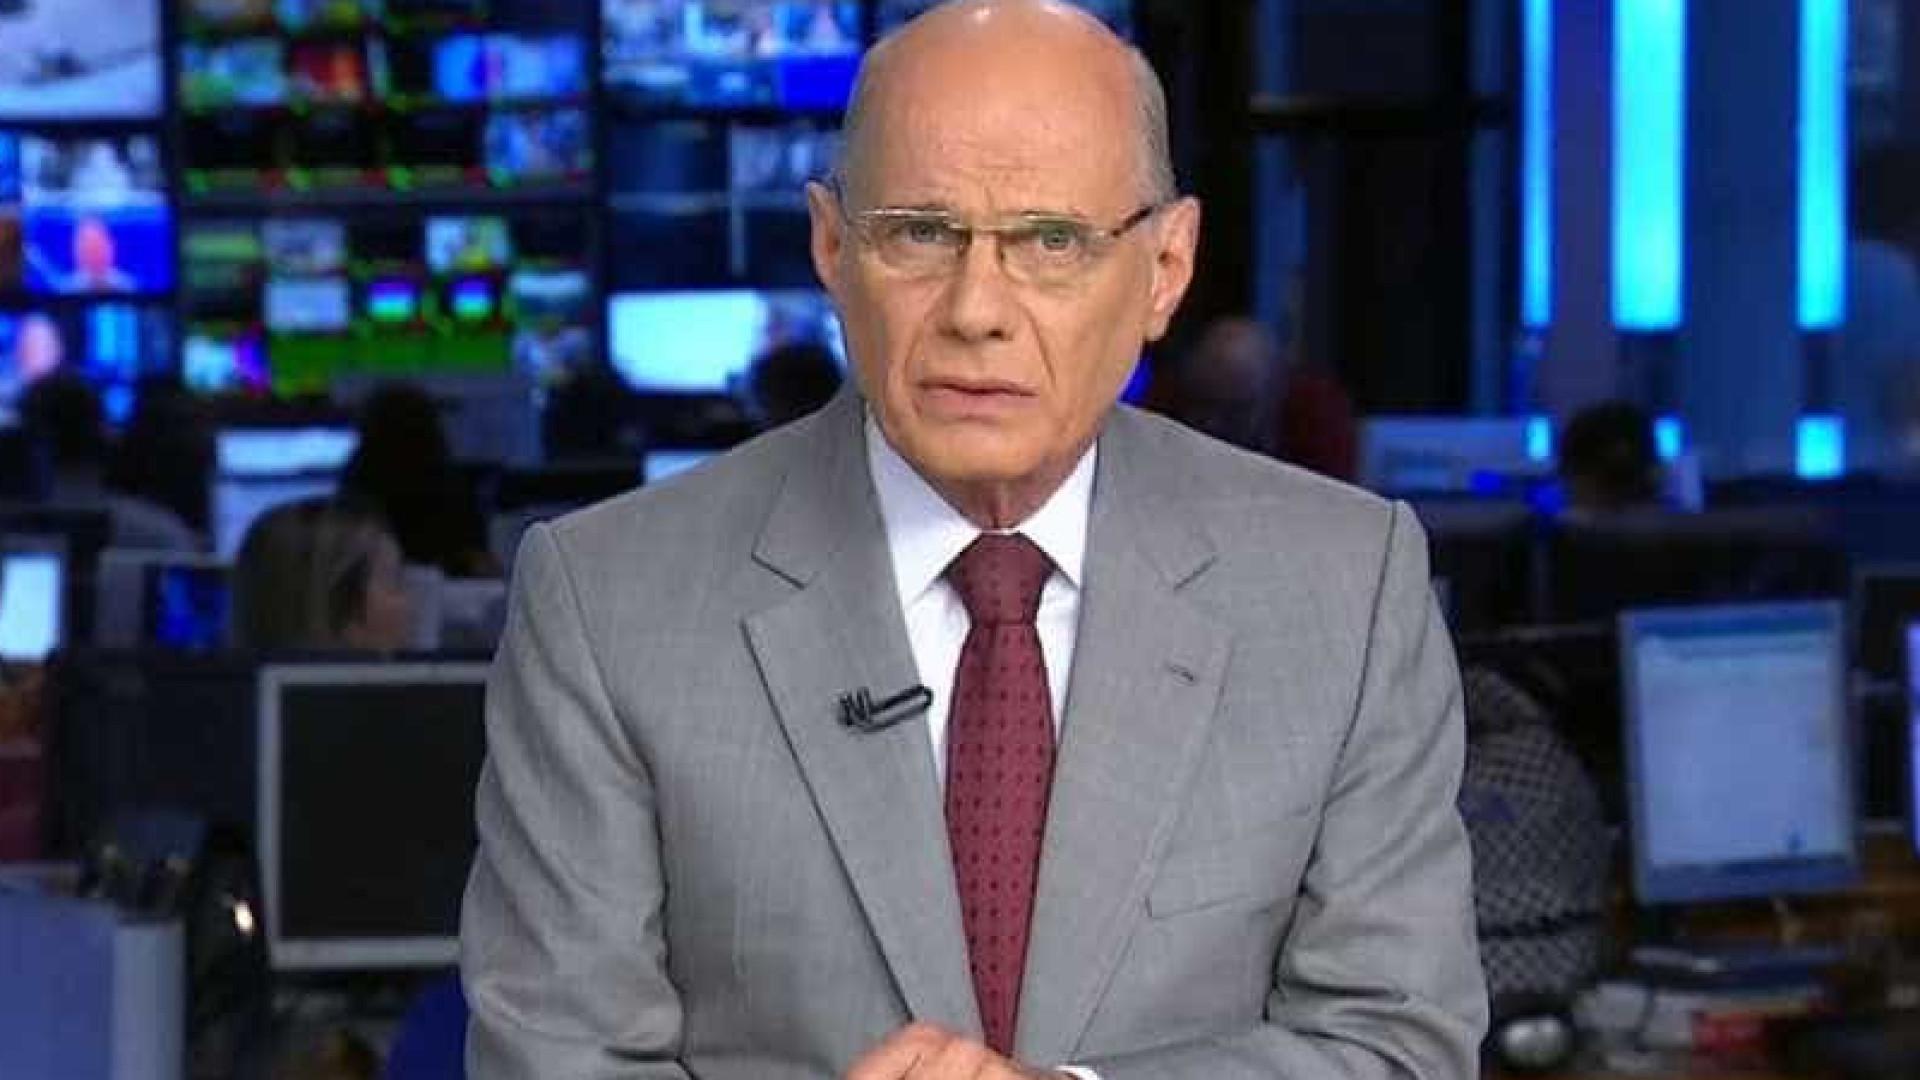 Em último programa, Boechat criticou impunidade em tragédias recentes